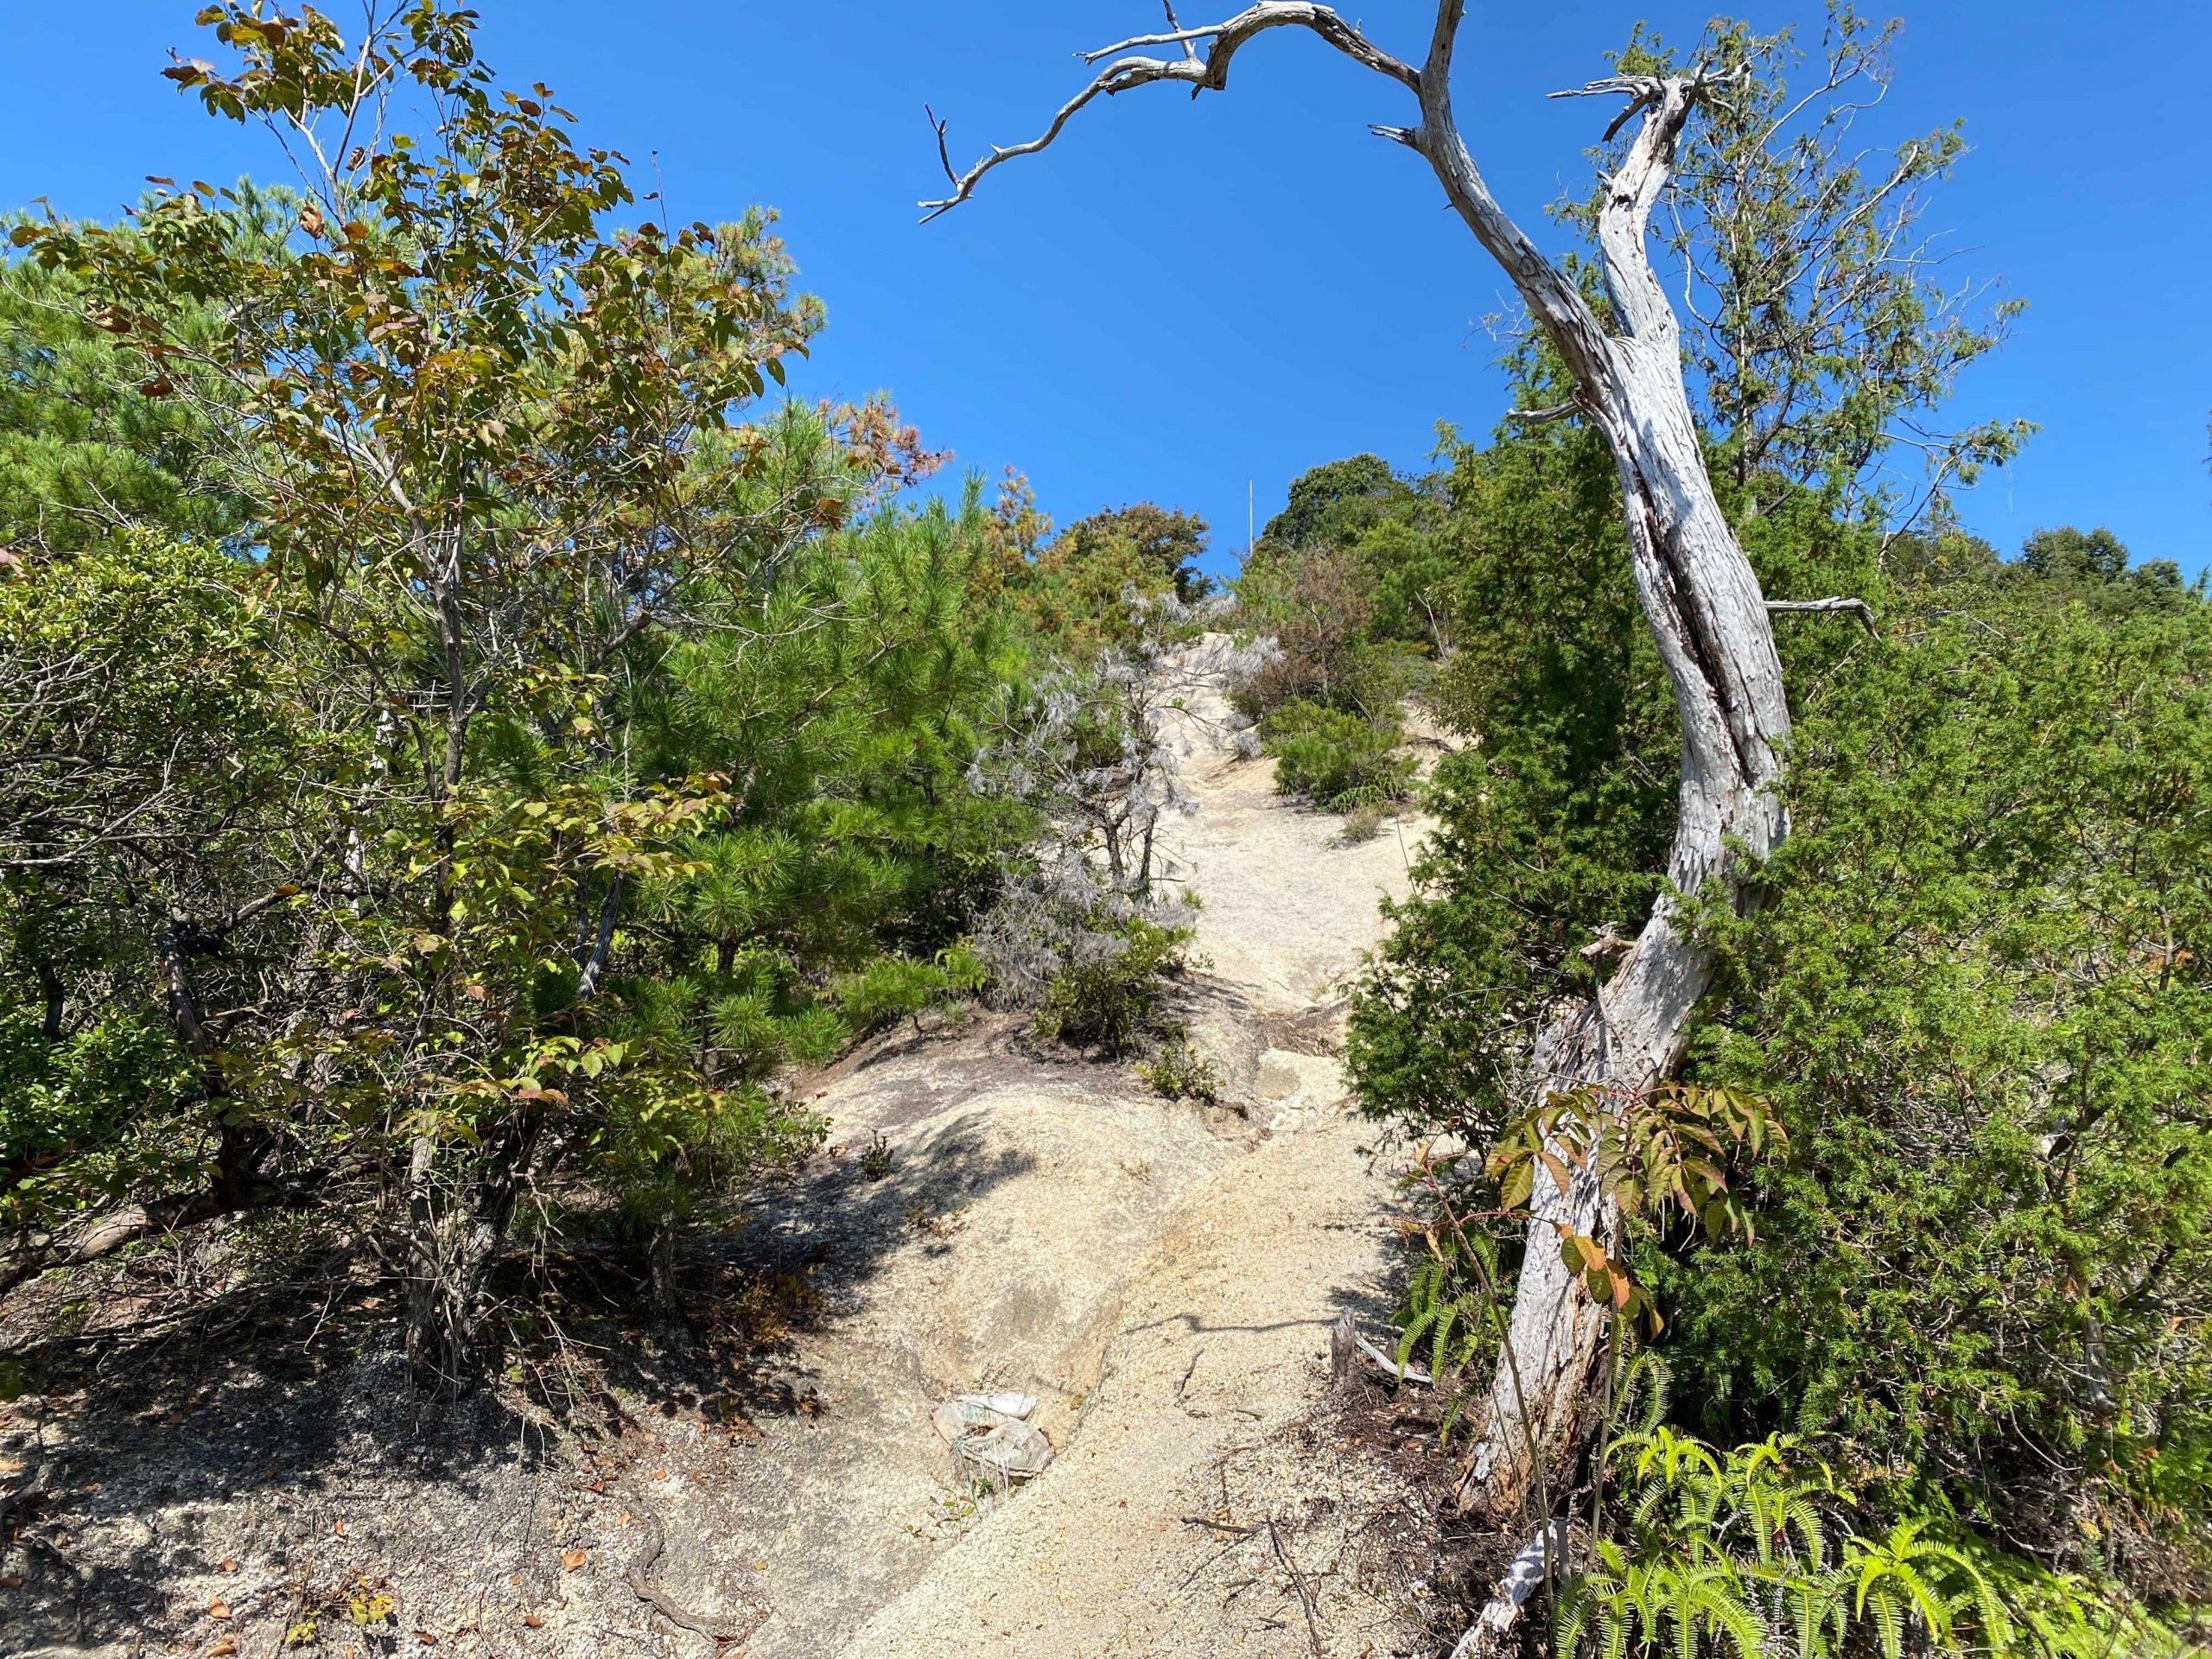 風化した花崗岩の道はよく滑る